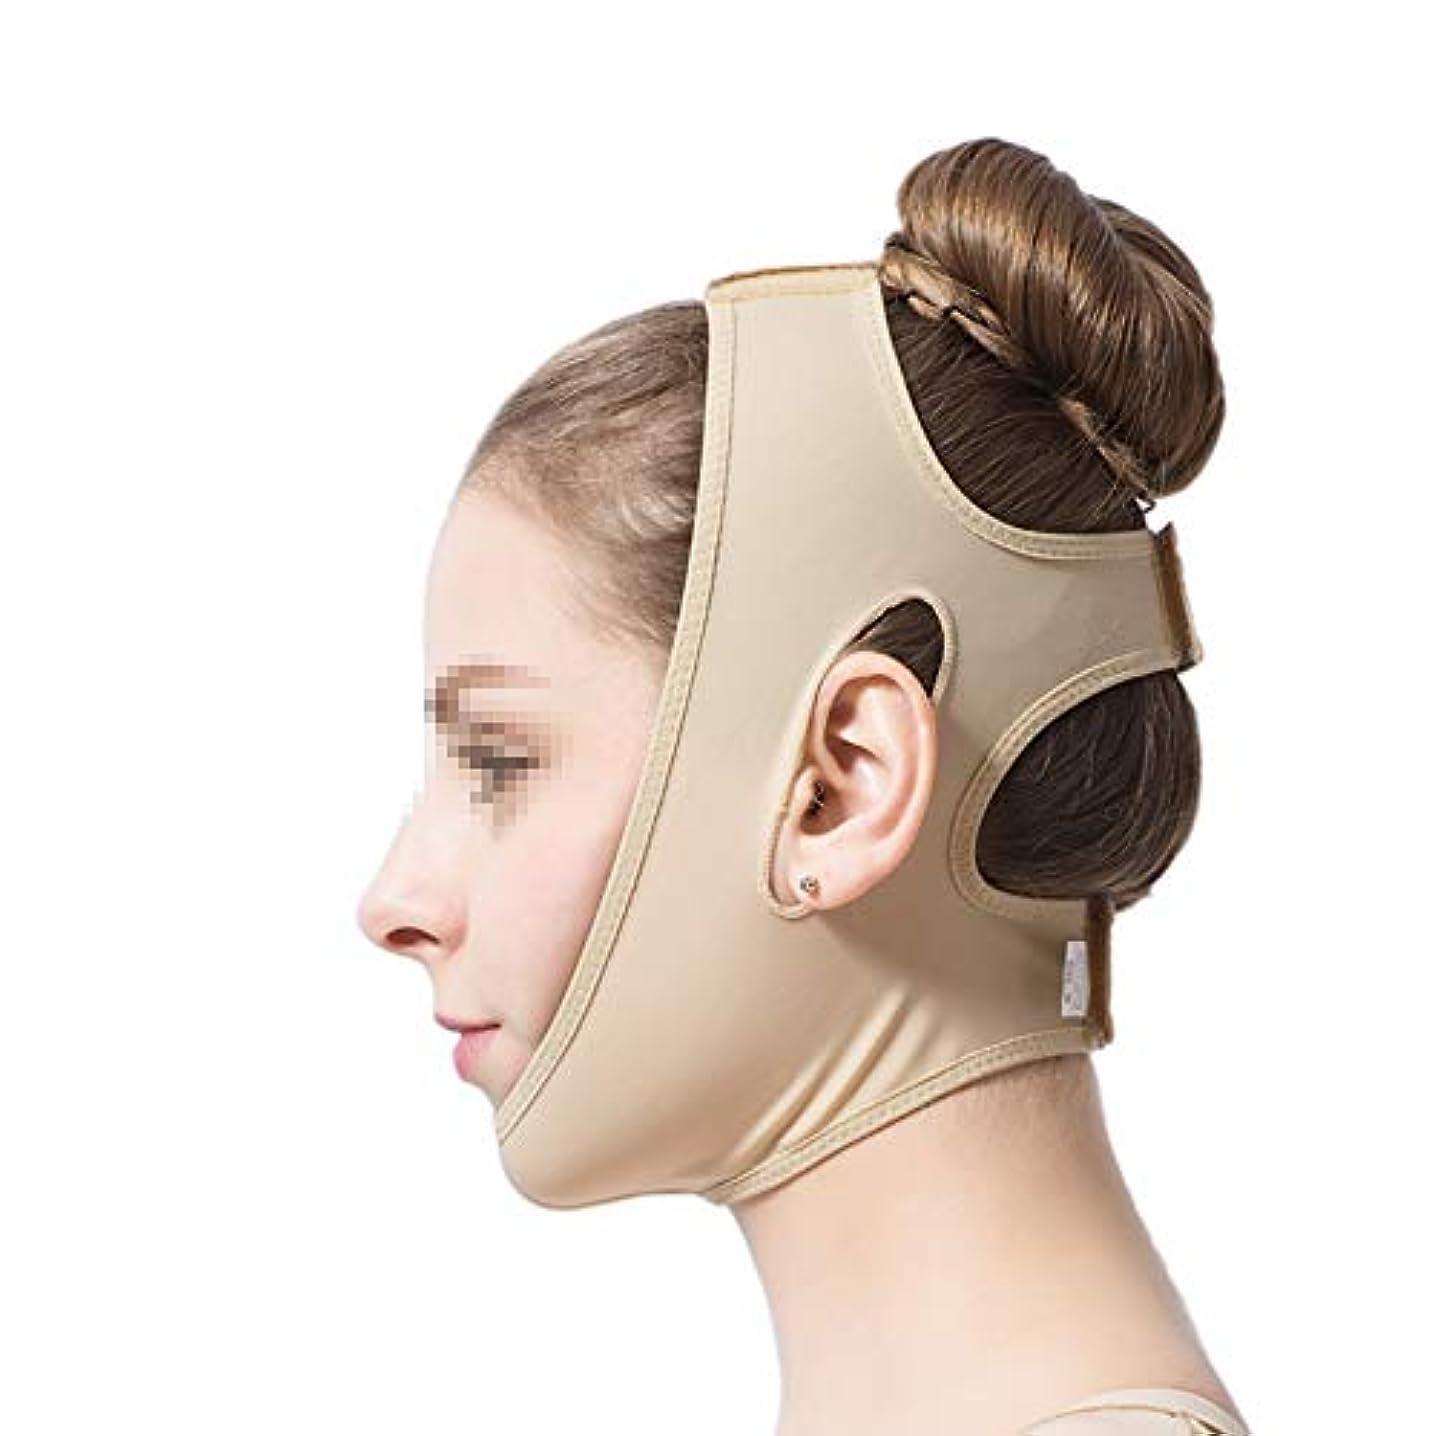 ハロウィン大脳エゴイズムXHLMRMJ フェイスリフトマスク、下顎袖医療グレード脂肪吸引術整形弾性ヘッドギアダブルあご顔ライン彫刻圧力包帯 (Size : S)